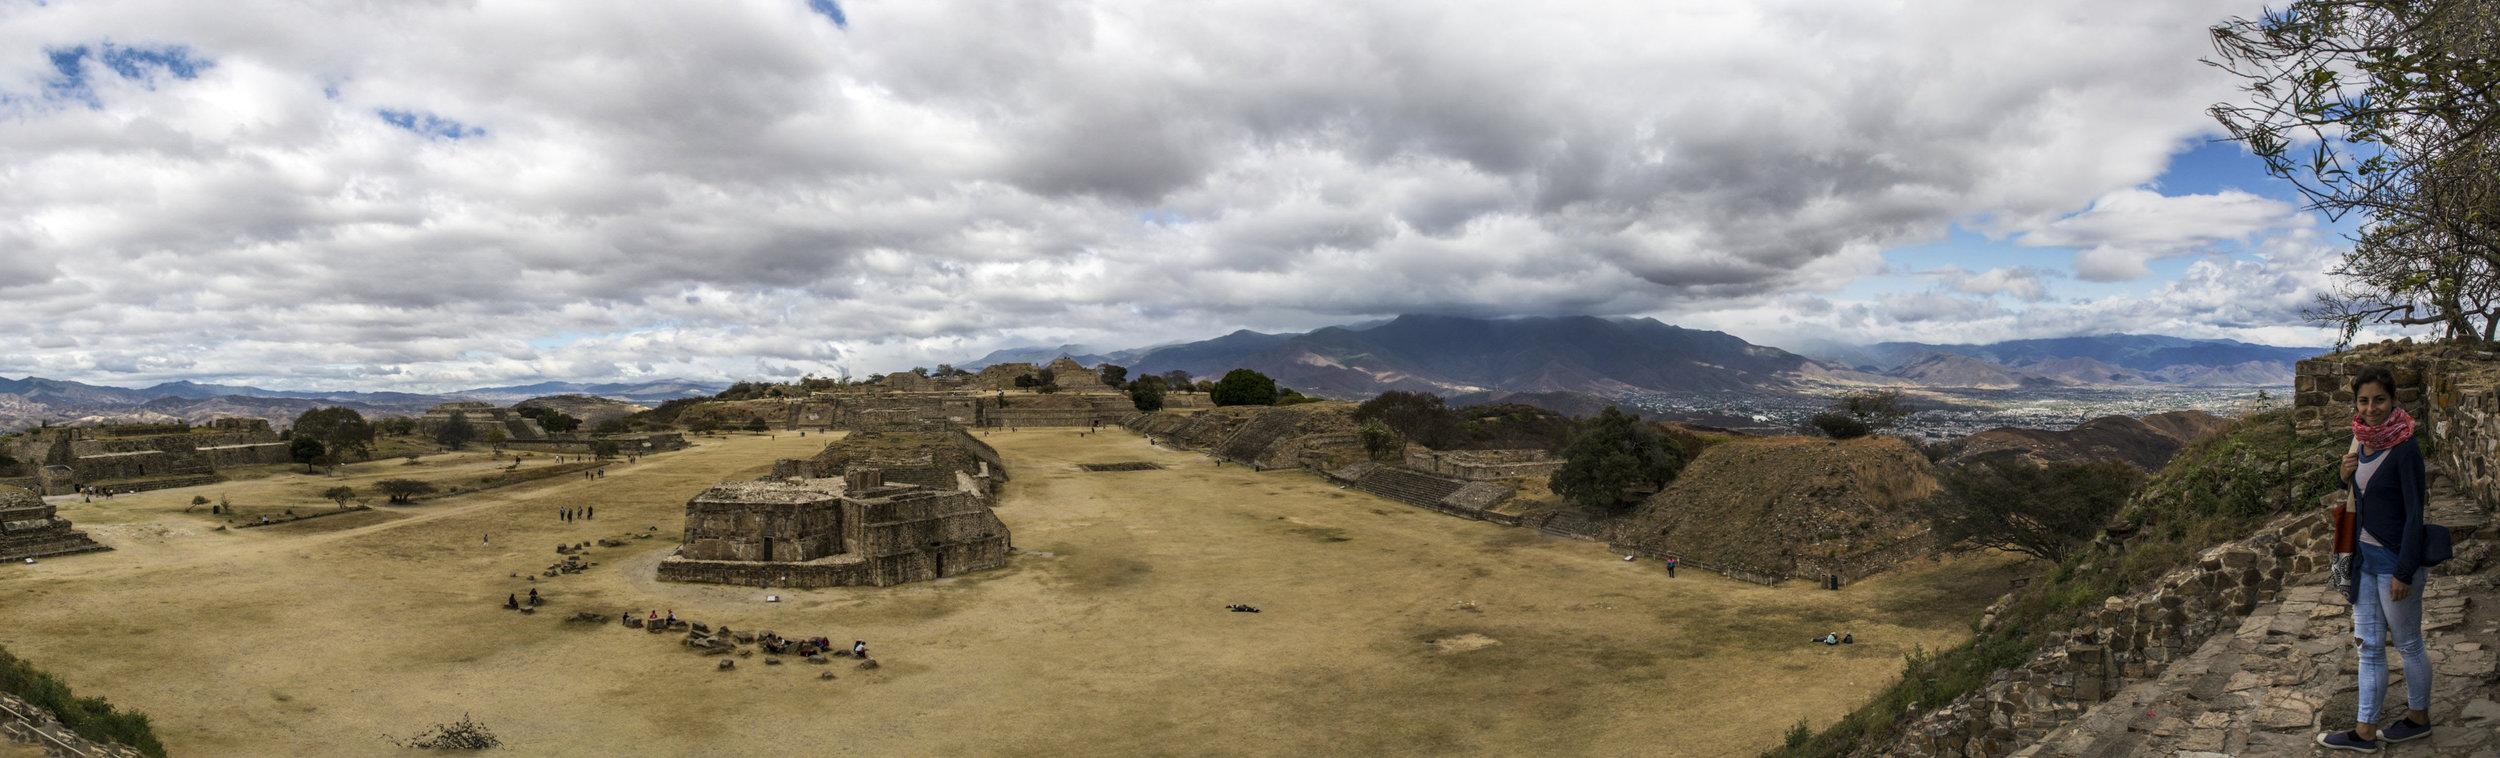 Monte Alban Ruins in Oaxaca